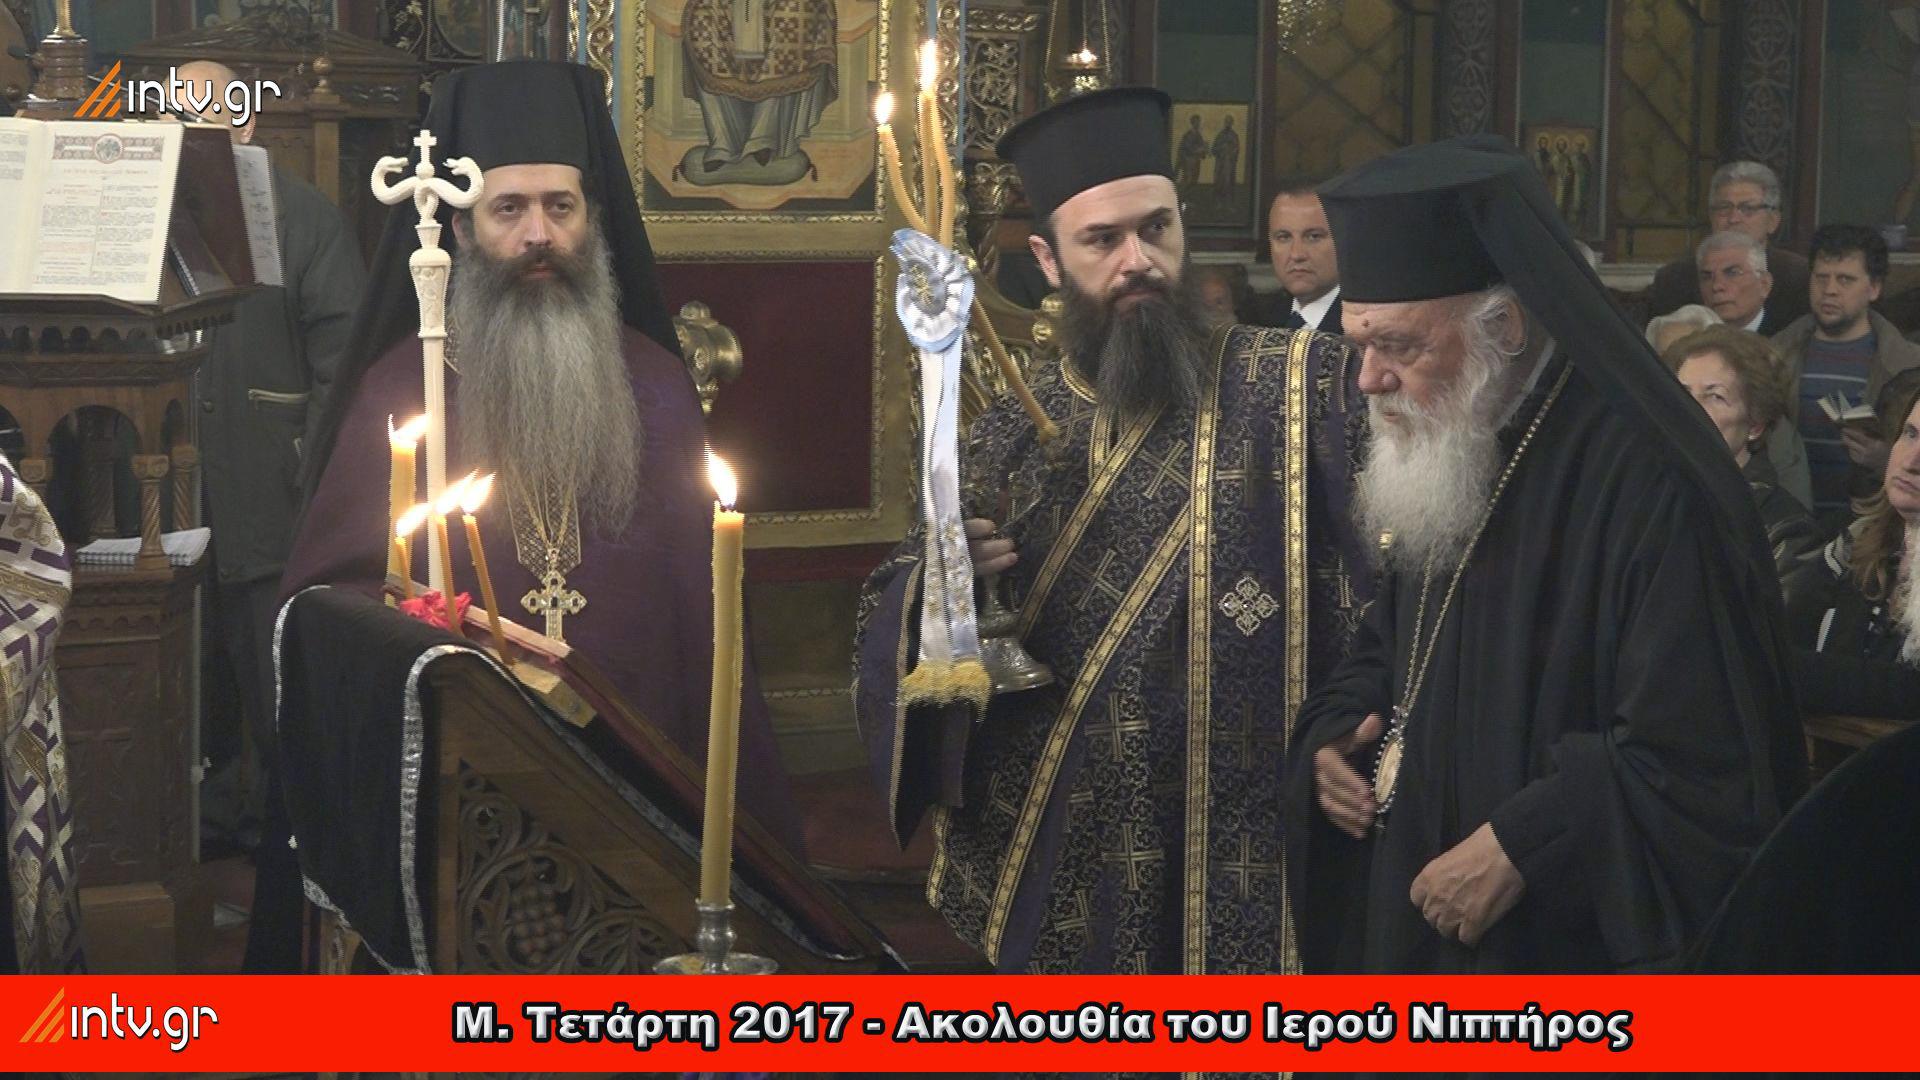 Μ. Τετάρτη 2017 - Ακολουθία του Ιερού Νιπτήρος